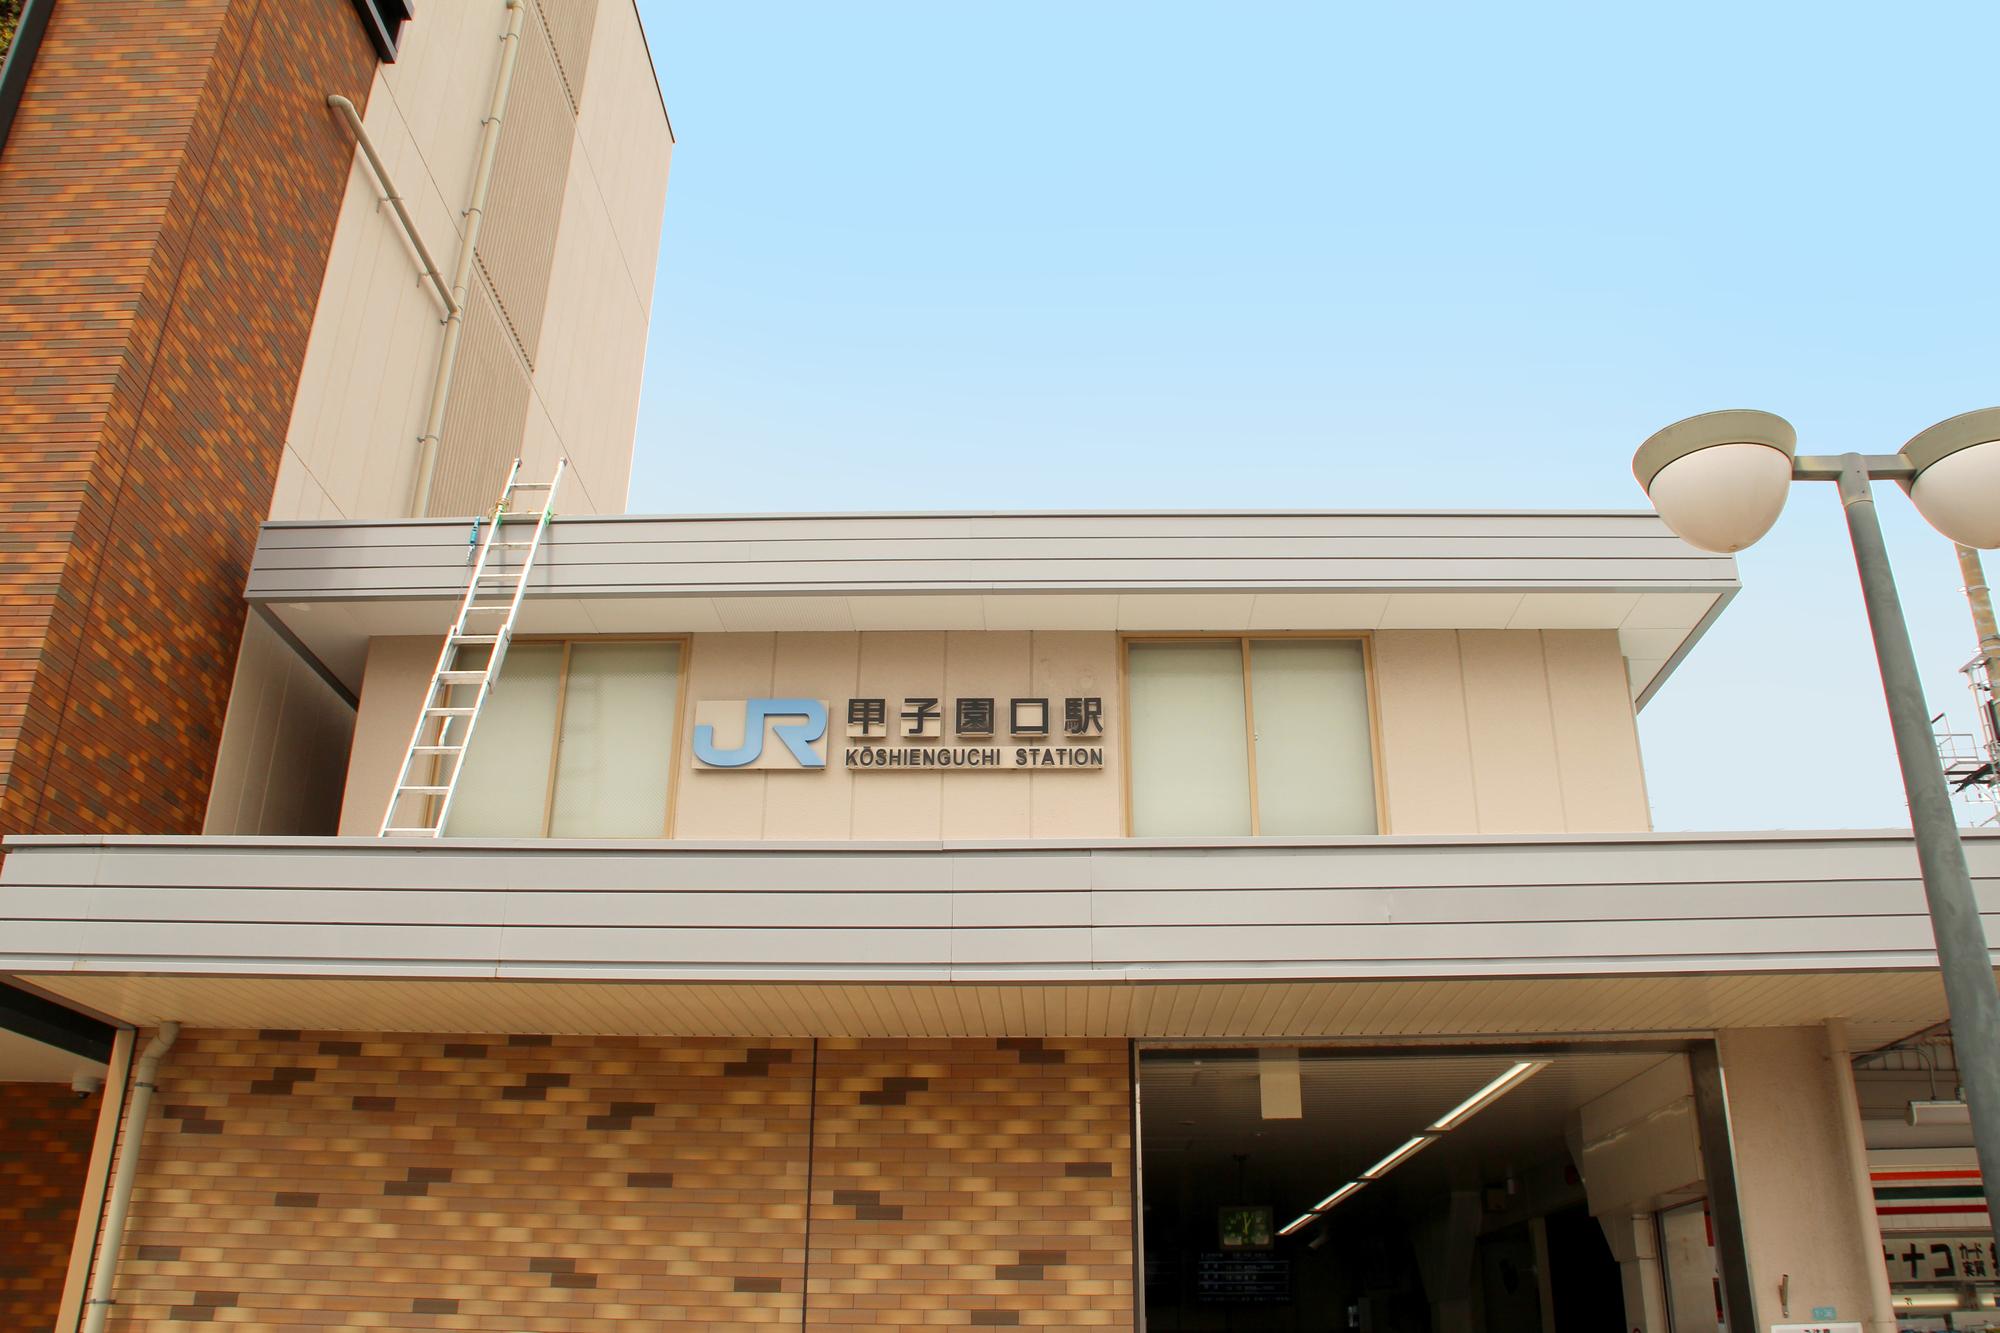 土曜に通院したい方へ!甲子園口駅の歯医者さん、おすすめポイント紹介